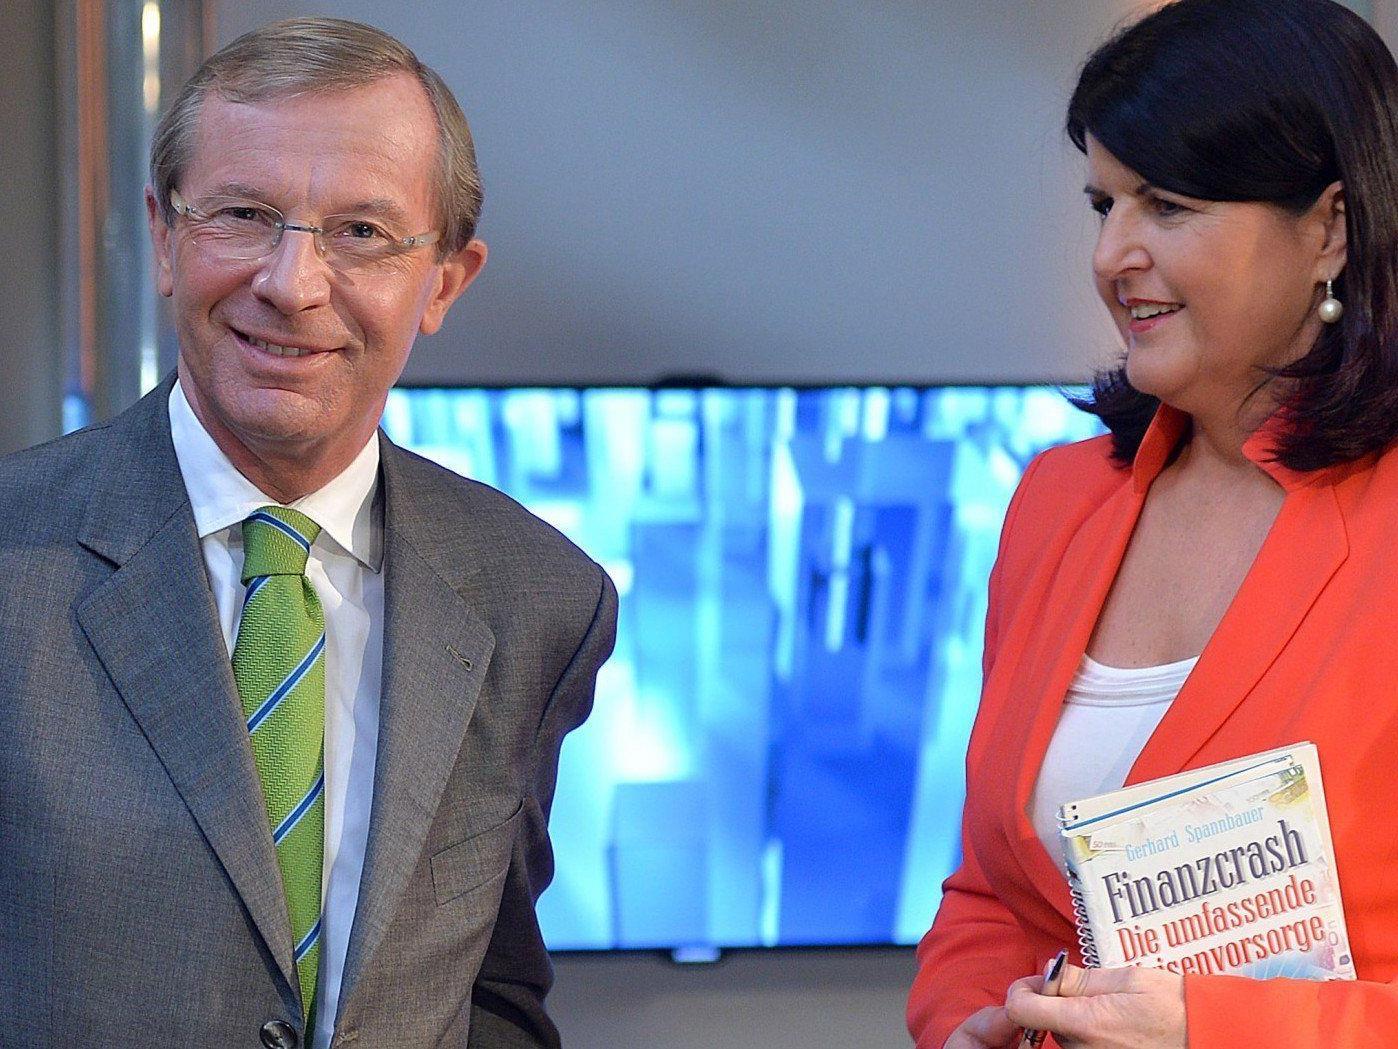 Die erste Hochrechnung zur Landtagswahl in Salzburg zeigt die ÖVP auf Platz 1.